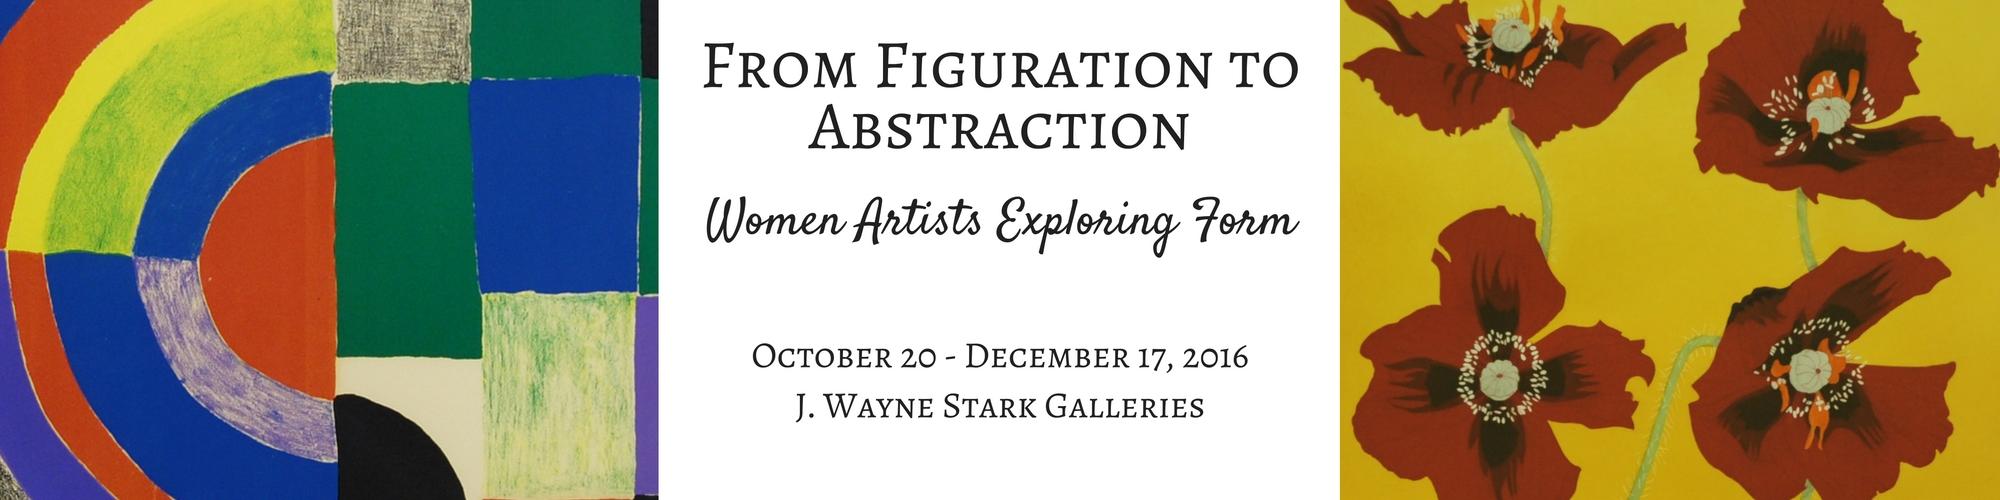 women-artists-web-banner-2